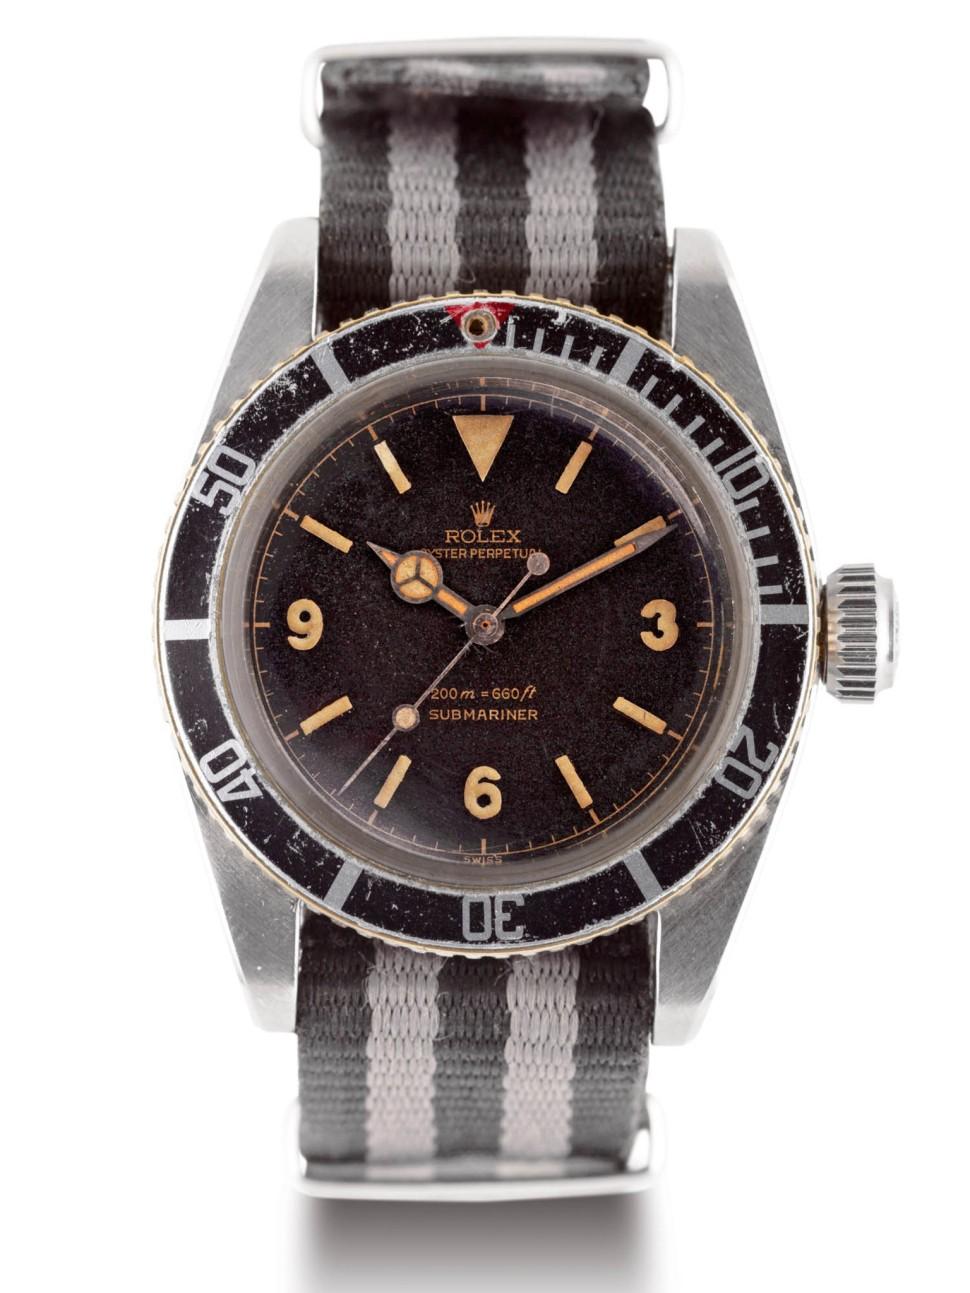 180717-rolex-submariner-5510-362187-fake